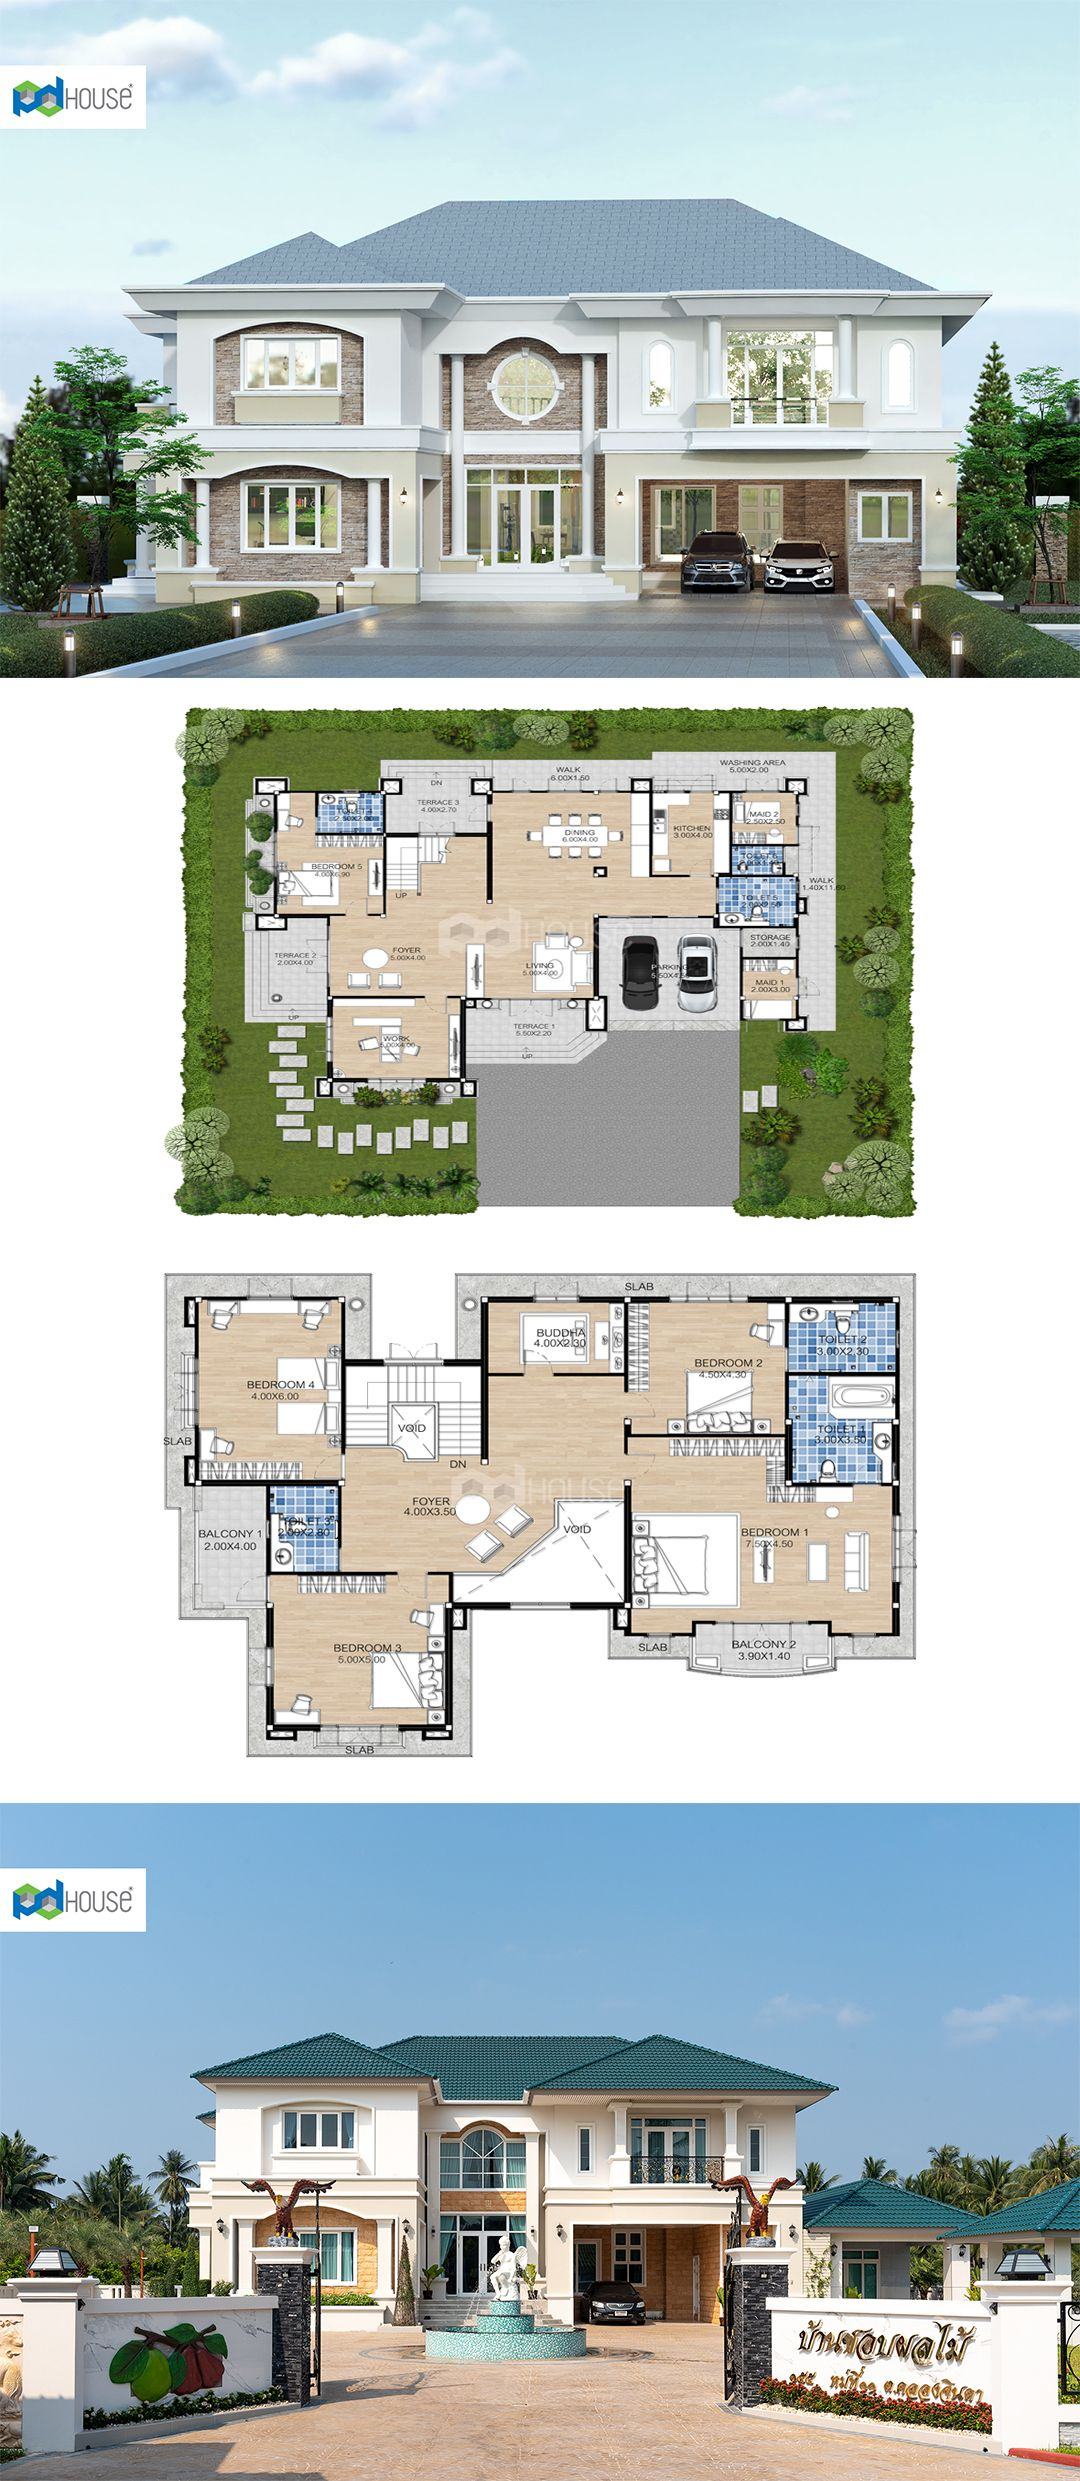 House plan ME 141